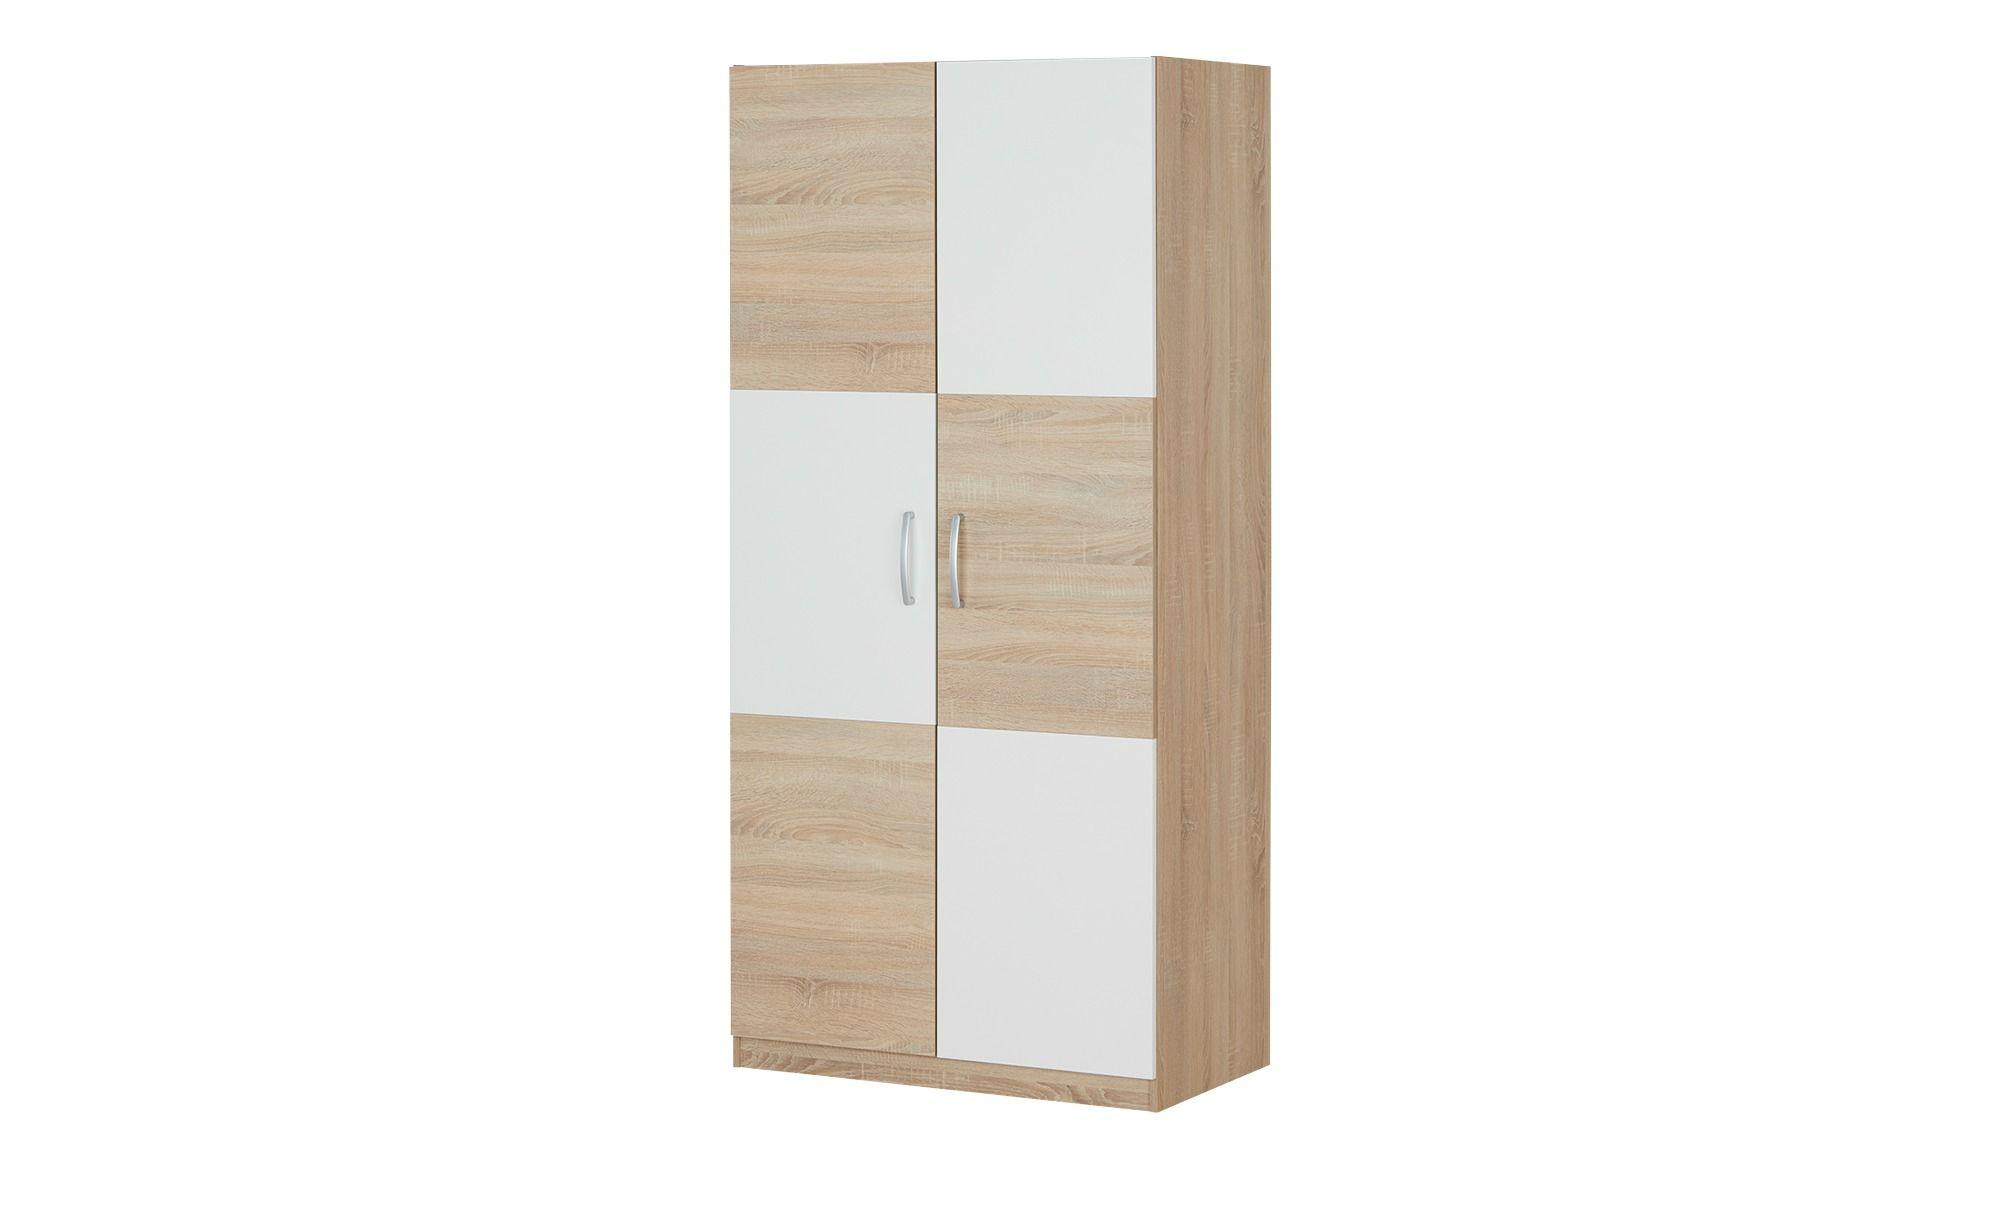 Schrank Spiegelturen Schrank Kiefer 4 Turig Schlafzimmer Kommode Schwarz Hochglanz Gunstige Kleiderschranke Auf Rechnun Kleiderschrank Schrank Holzfarben